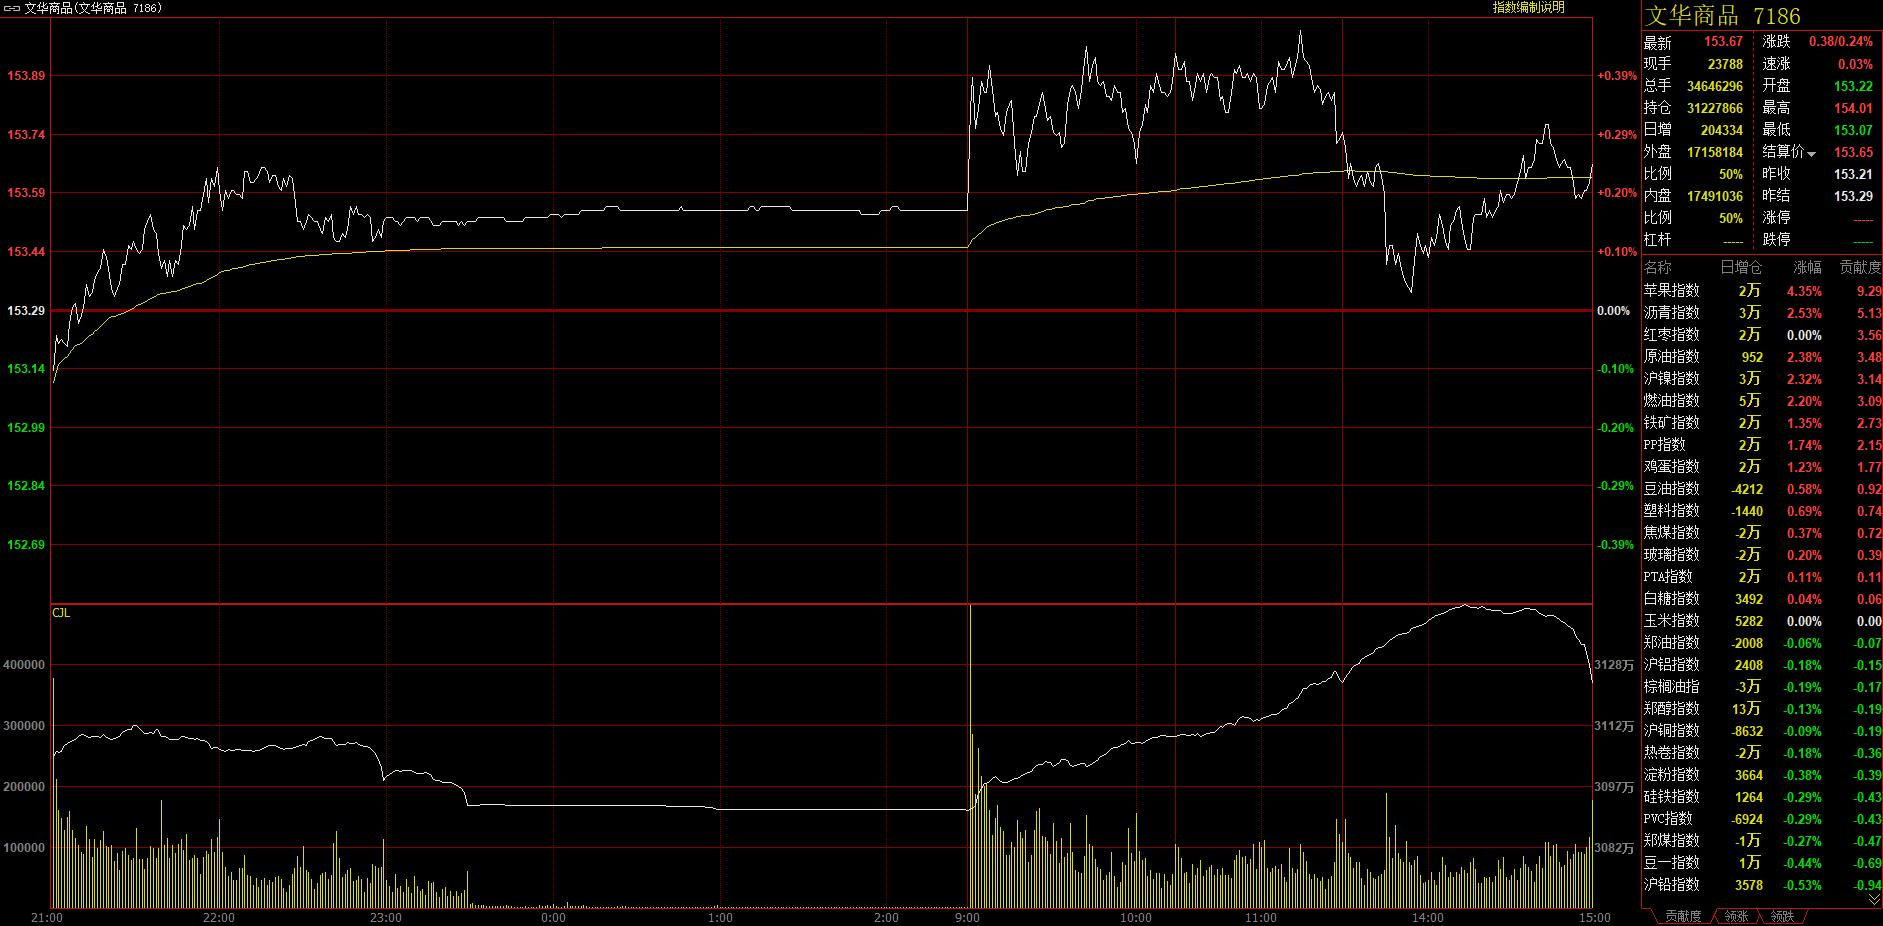 7月8日能源、水果期货大幅上涨 铁矿石止跌反弹